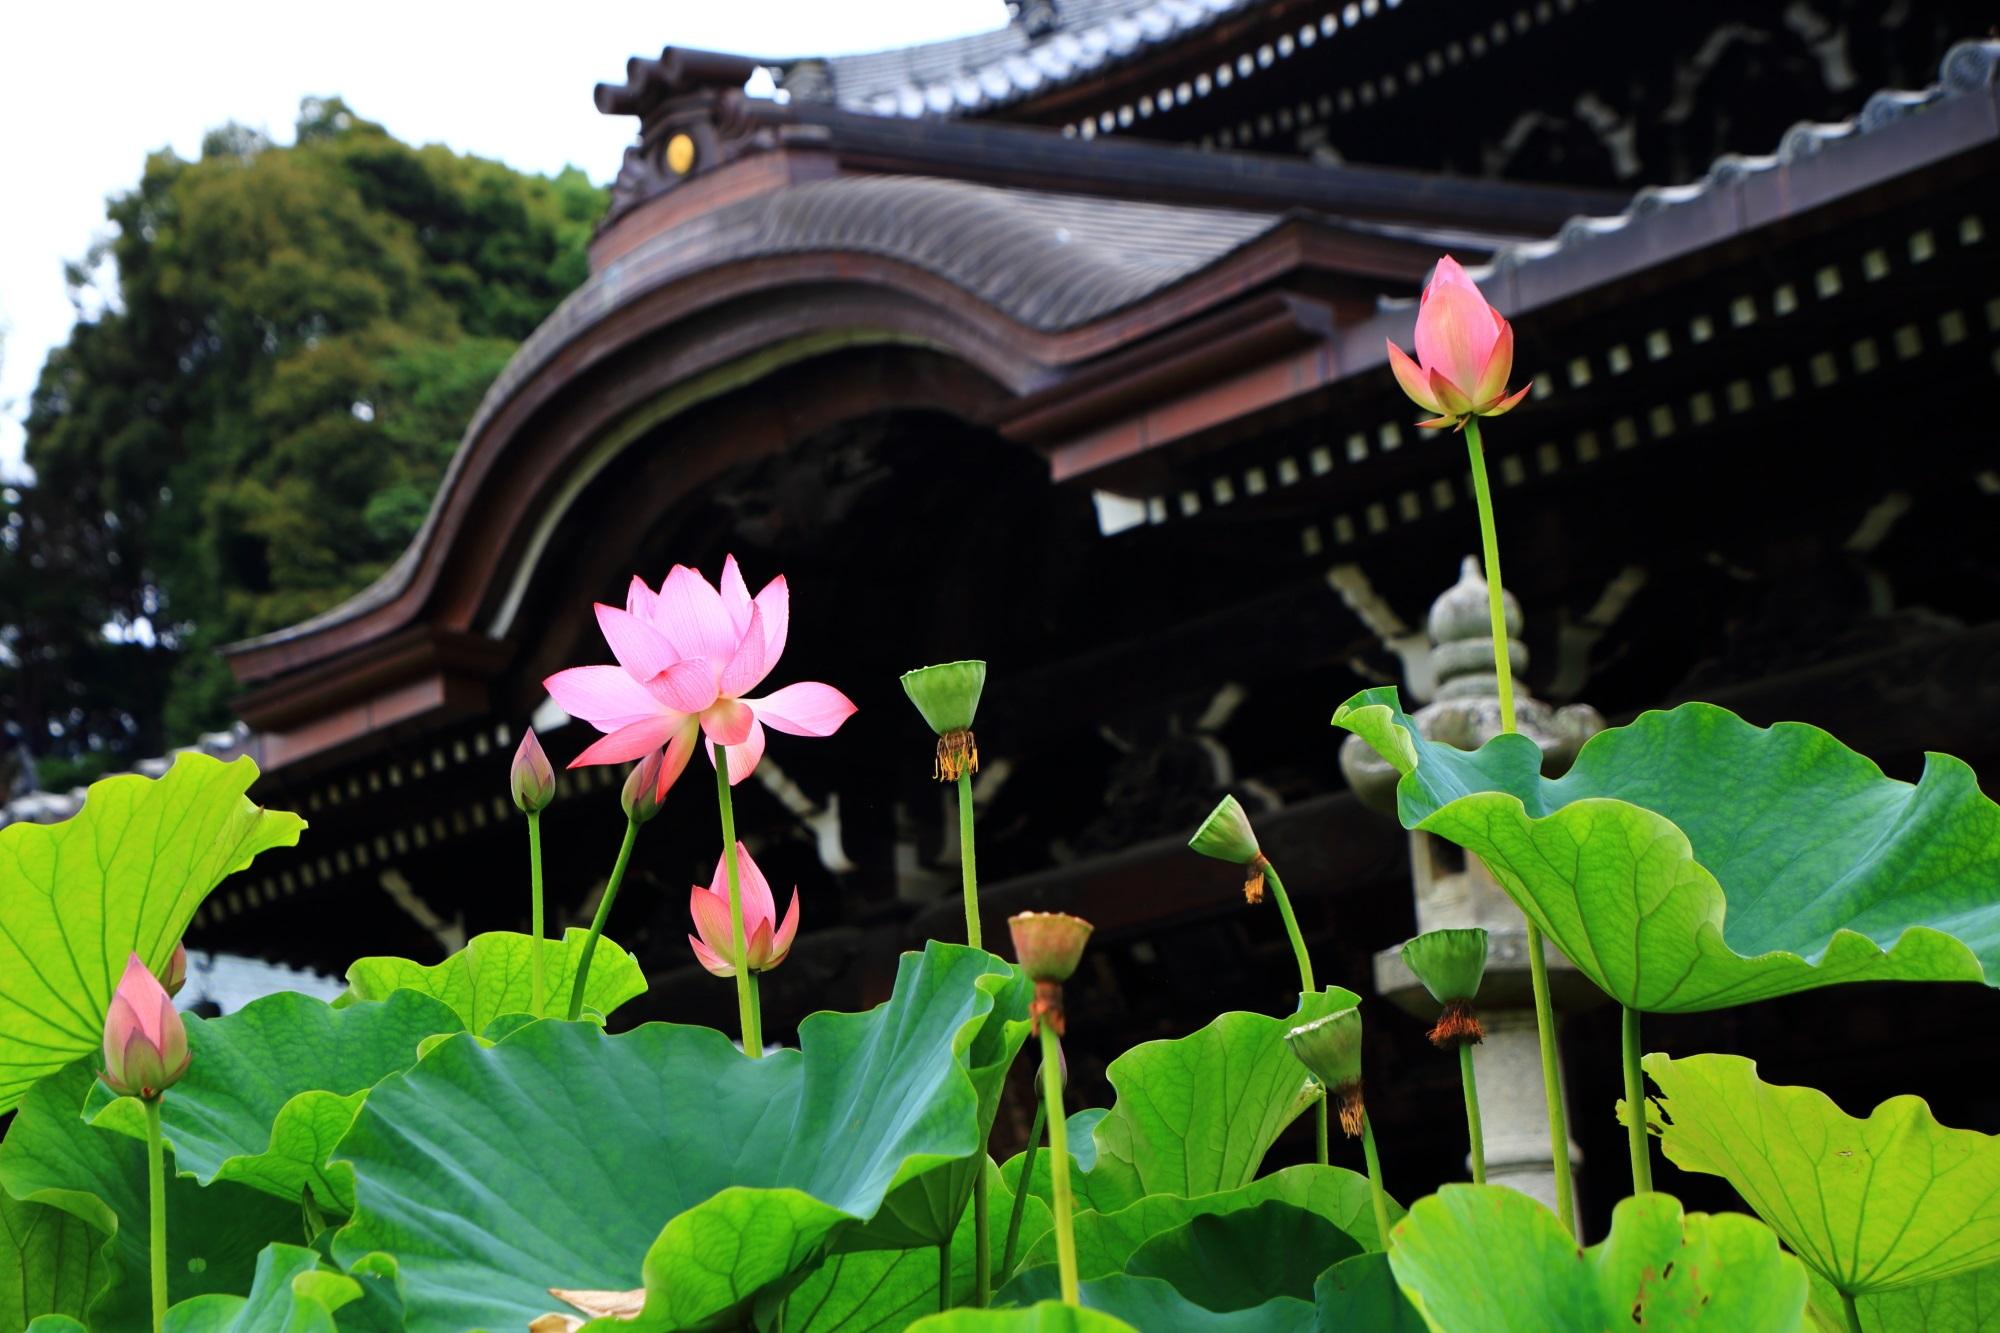 三室戸寺の本堂を背景にした絵になるピンクの蓮の花